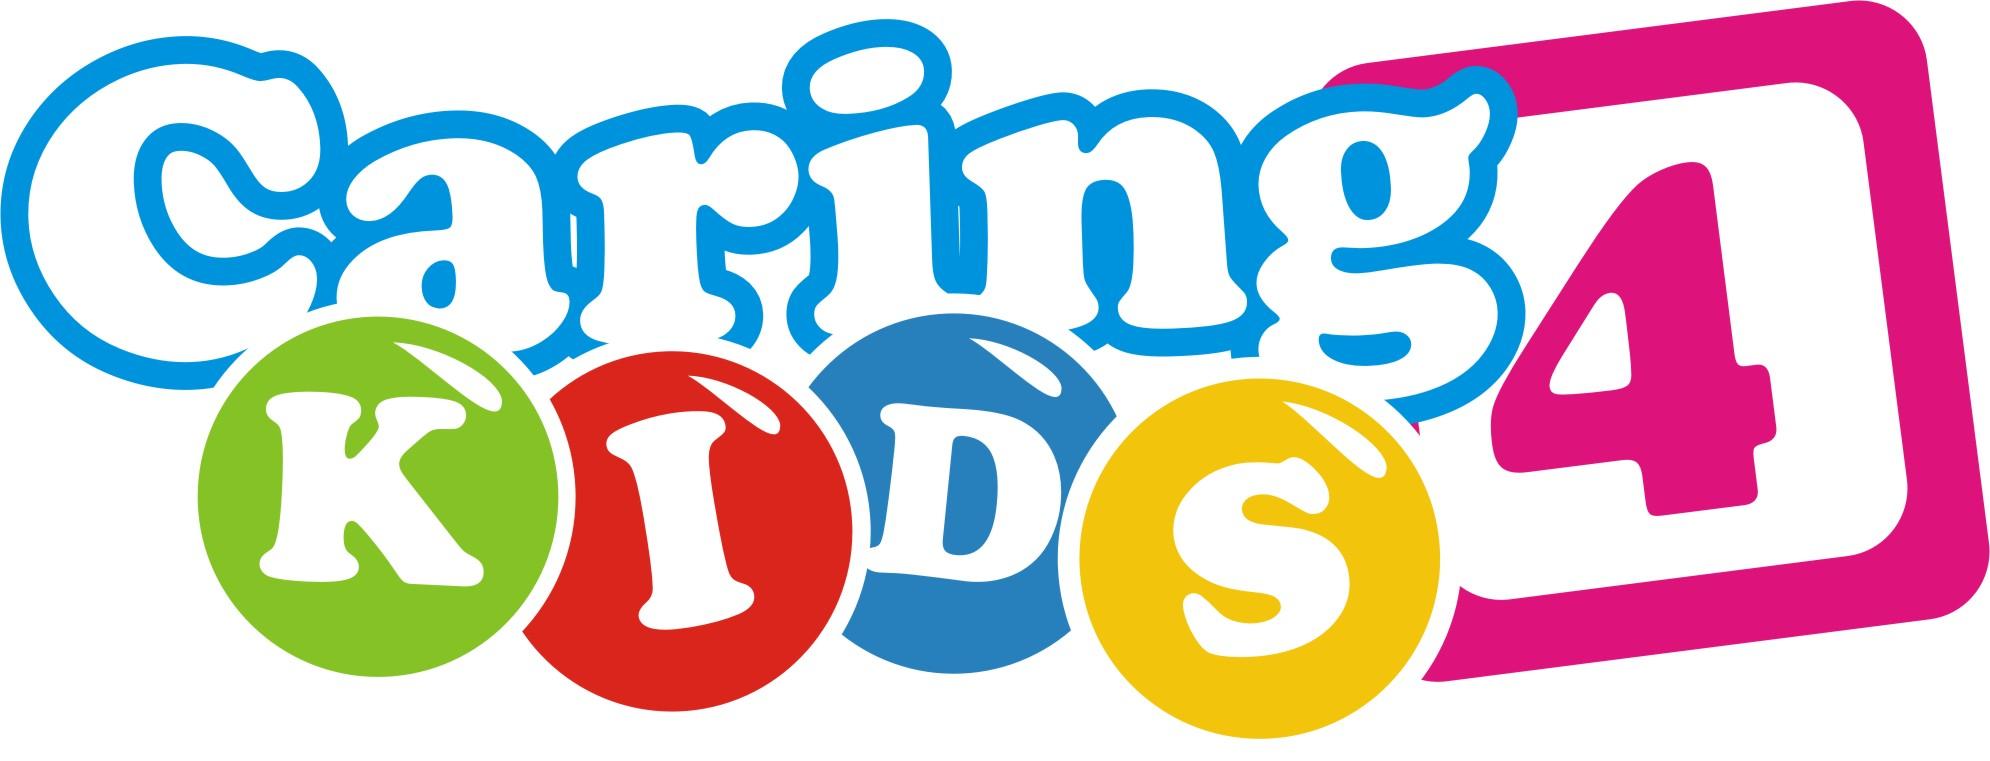 Caring4Kids Logo